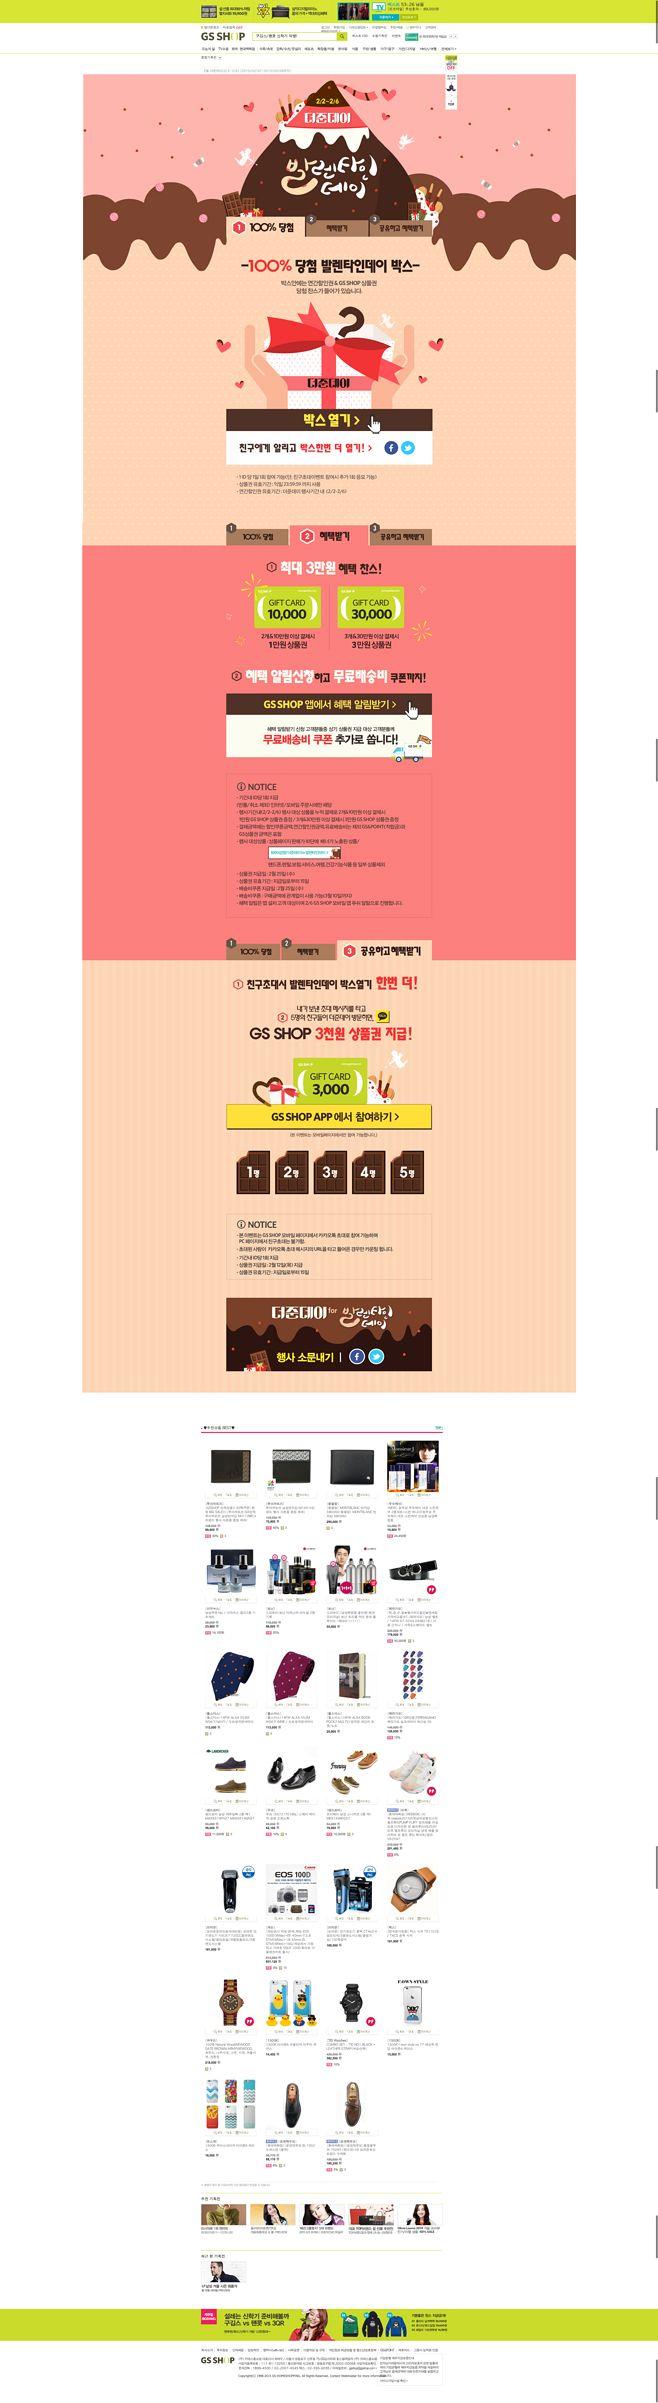 당신의 가장 좋은 선택을 만듭니다. ...@amethyst_gy采集到Web-Korea(1178图)_花瓣UI/UX